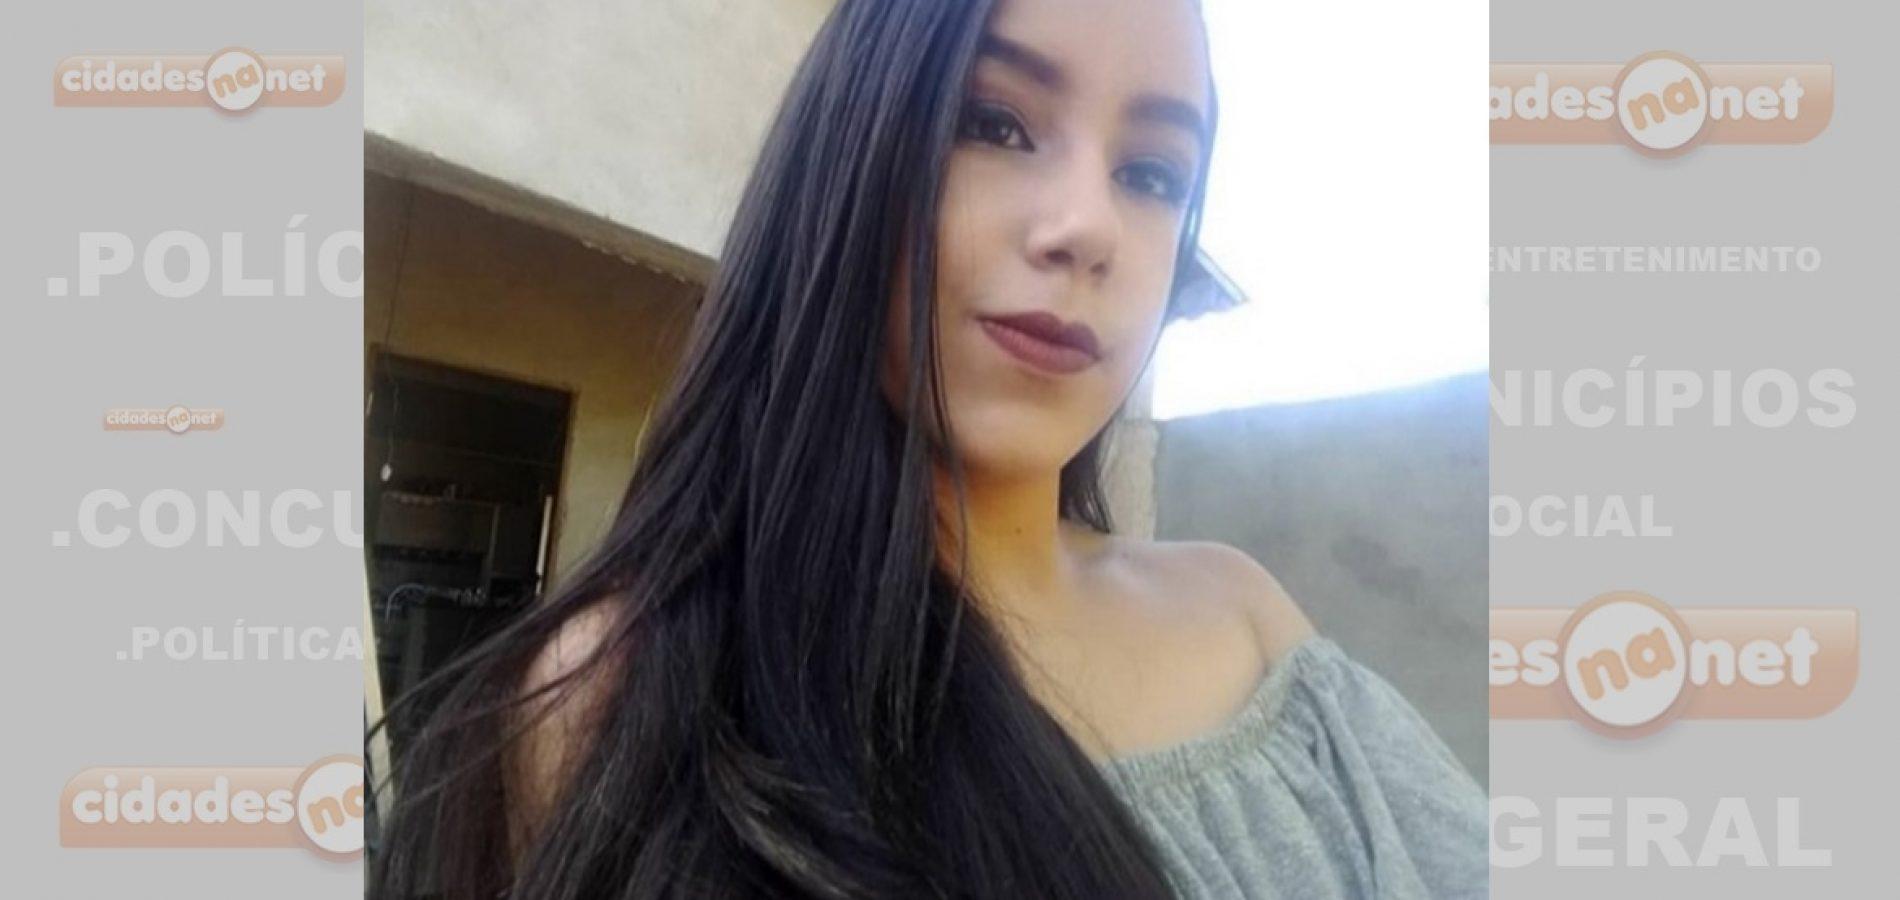 Amigos sorteiam rifa para custear tratamento de garota de 12 anos em São Julião. Veja como ajudar!